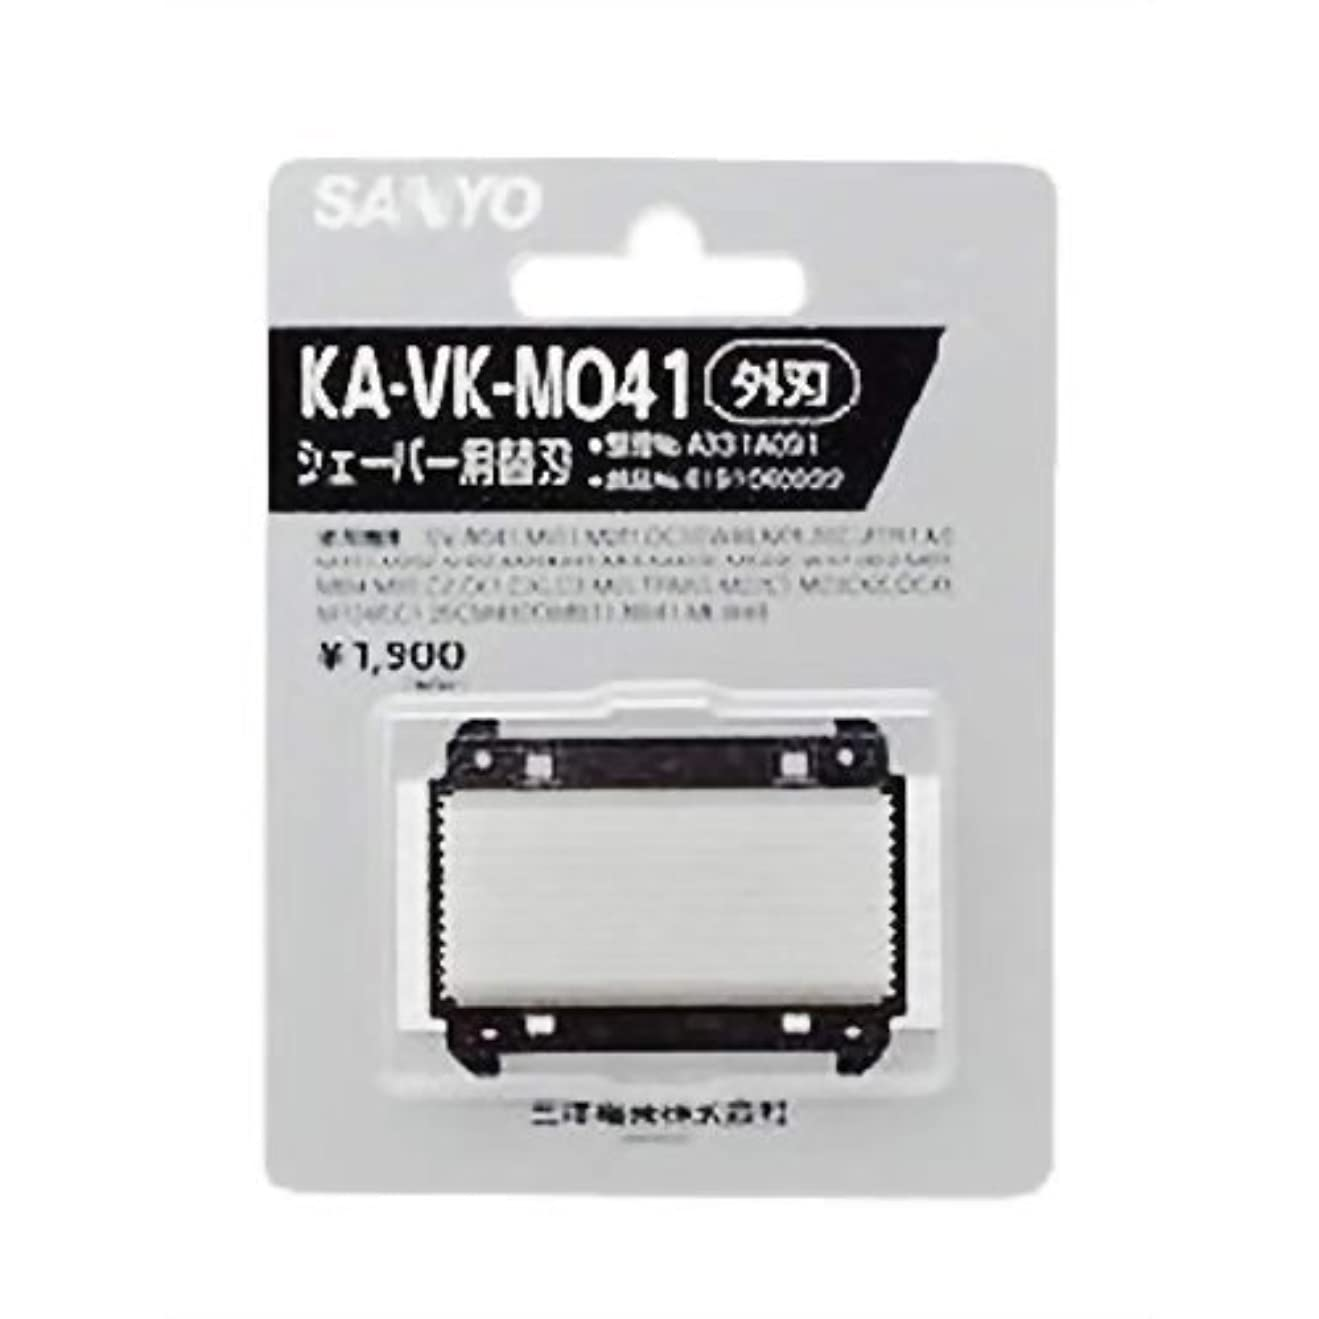 ベース大聖堂援助するSANYO シェーバー用替刃 外刃 KA-VK-M041